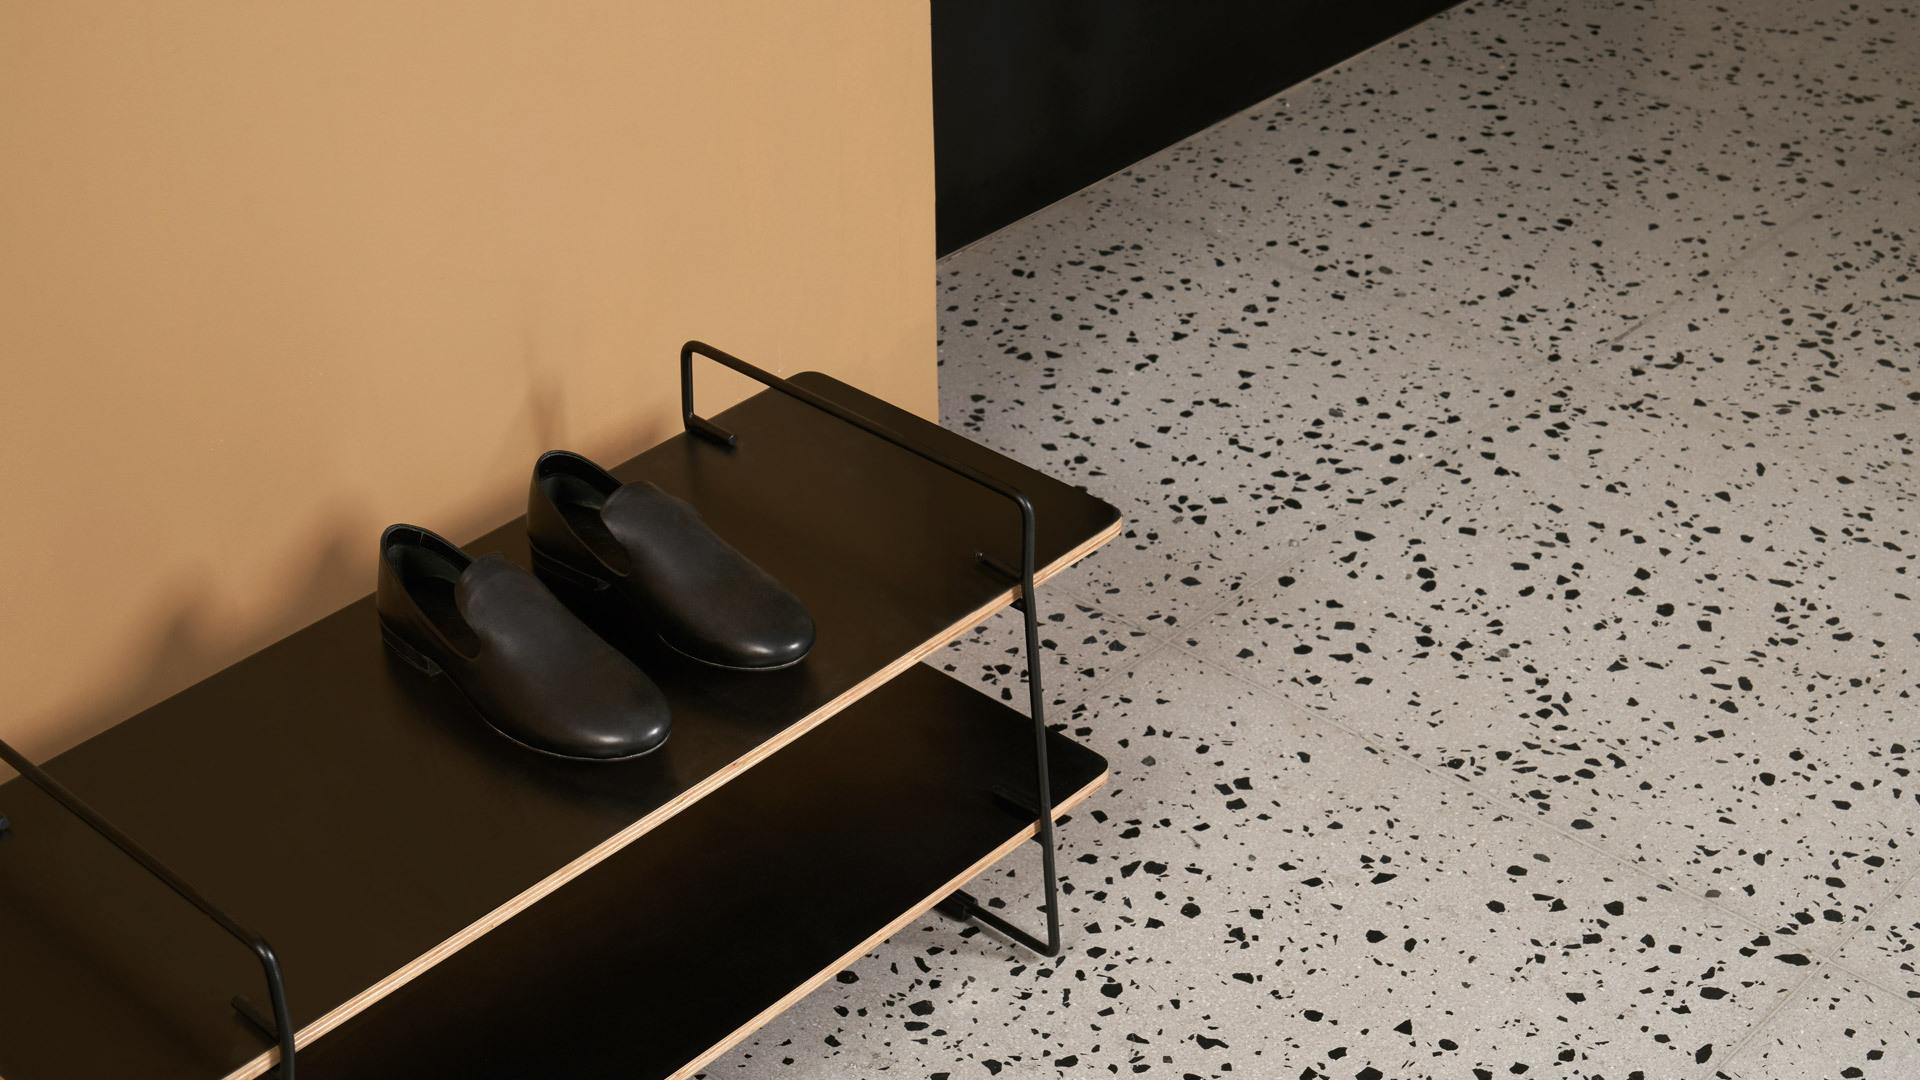 不占空间,应季鞋履规整有序